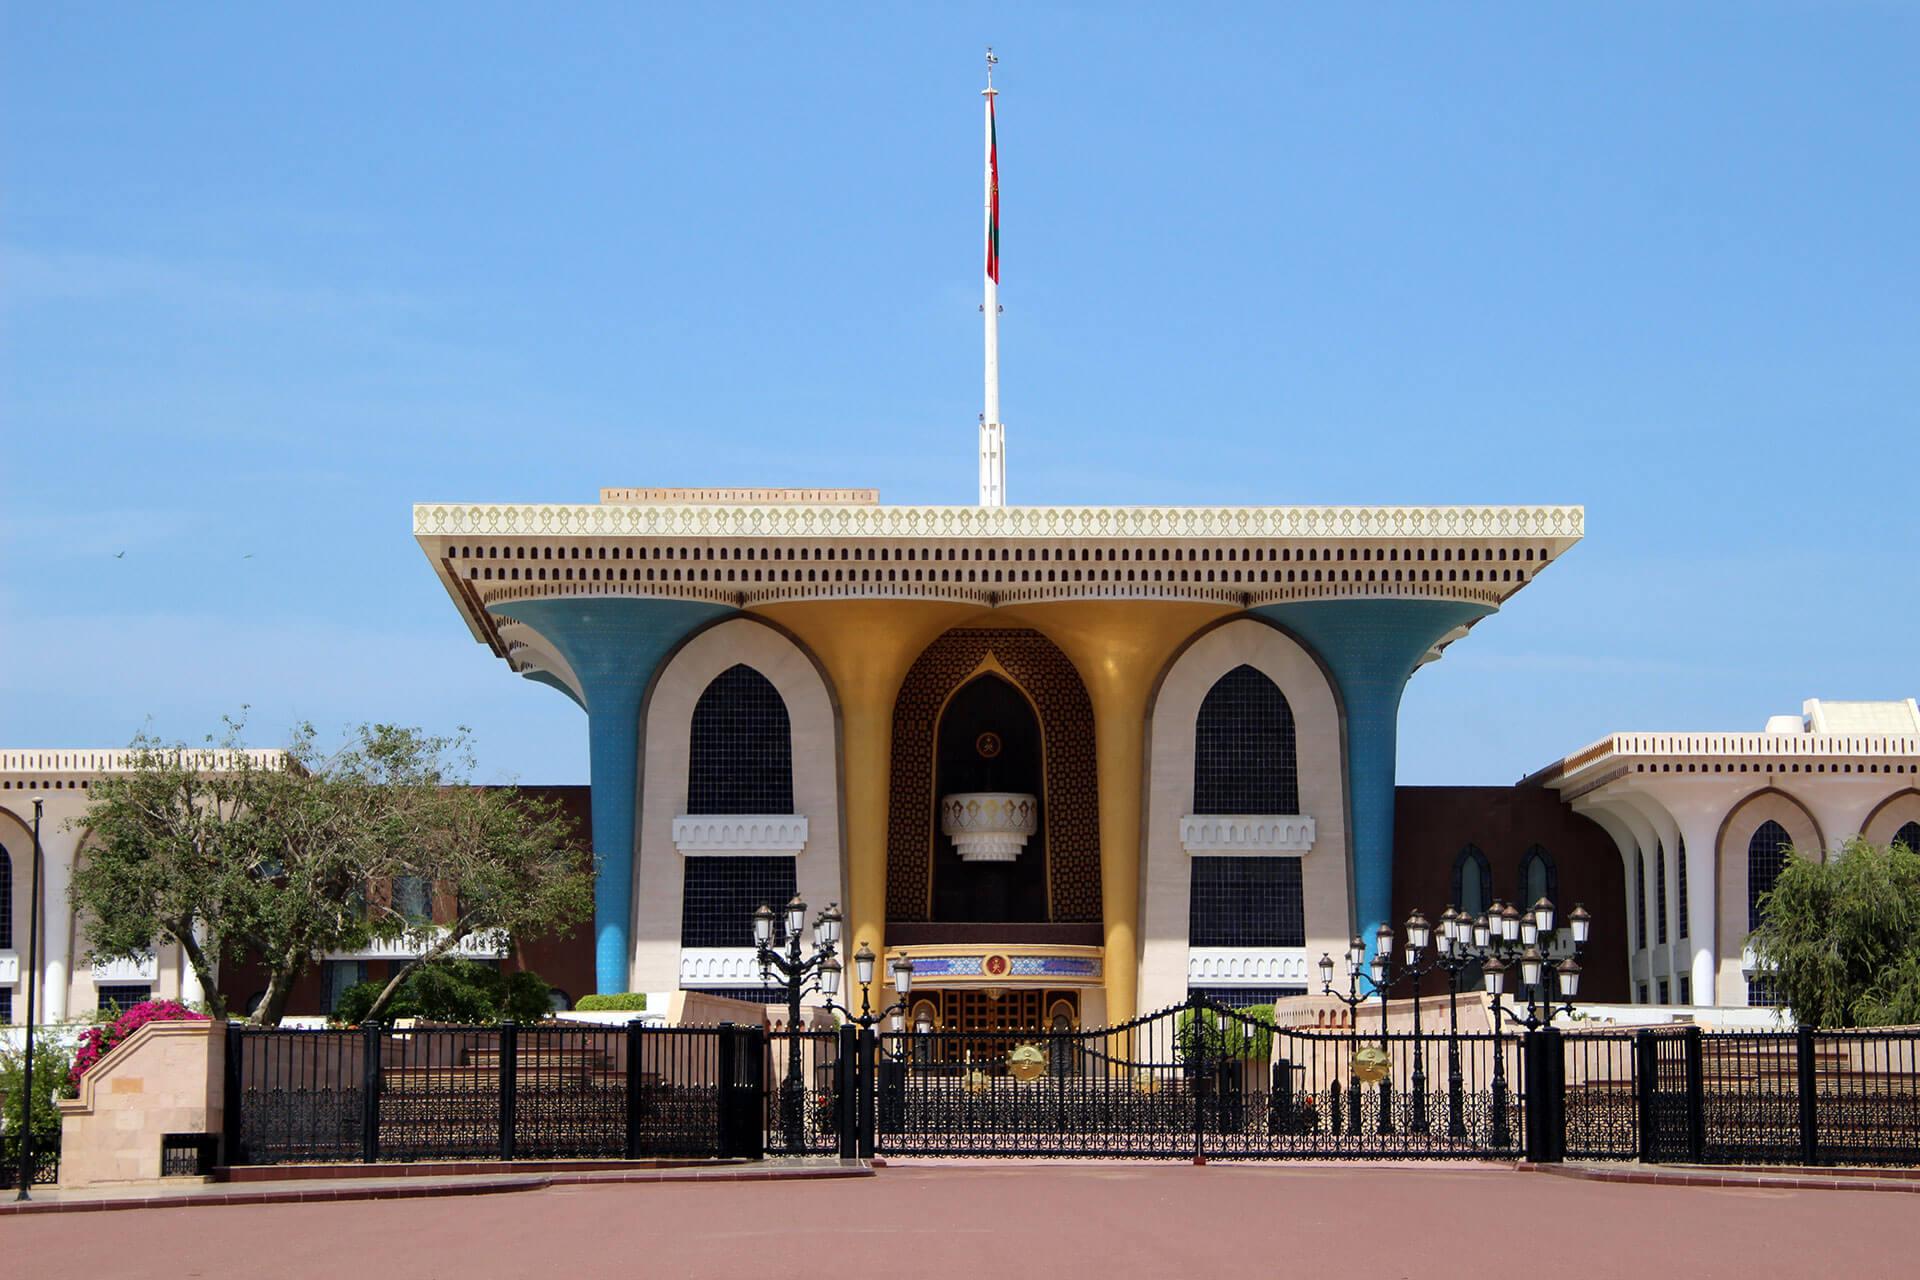 Qasr Al-Alam